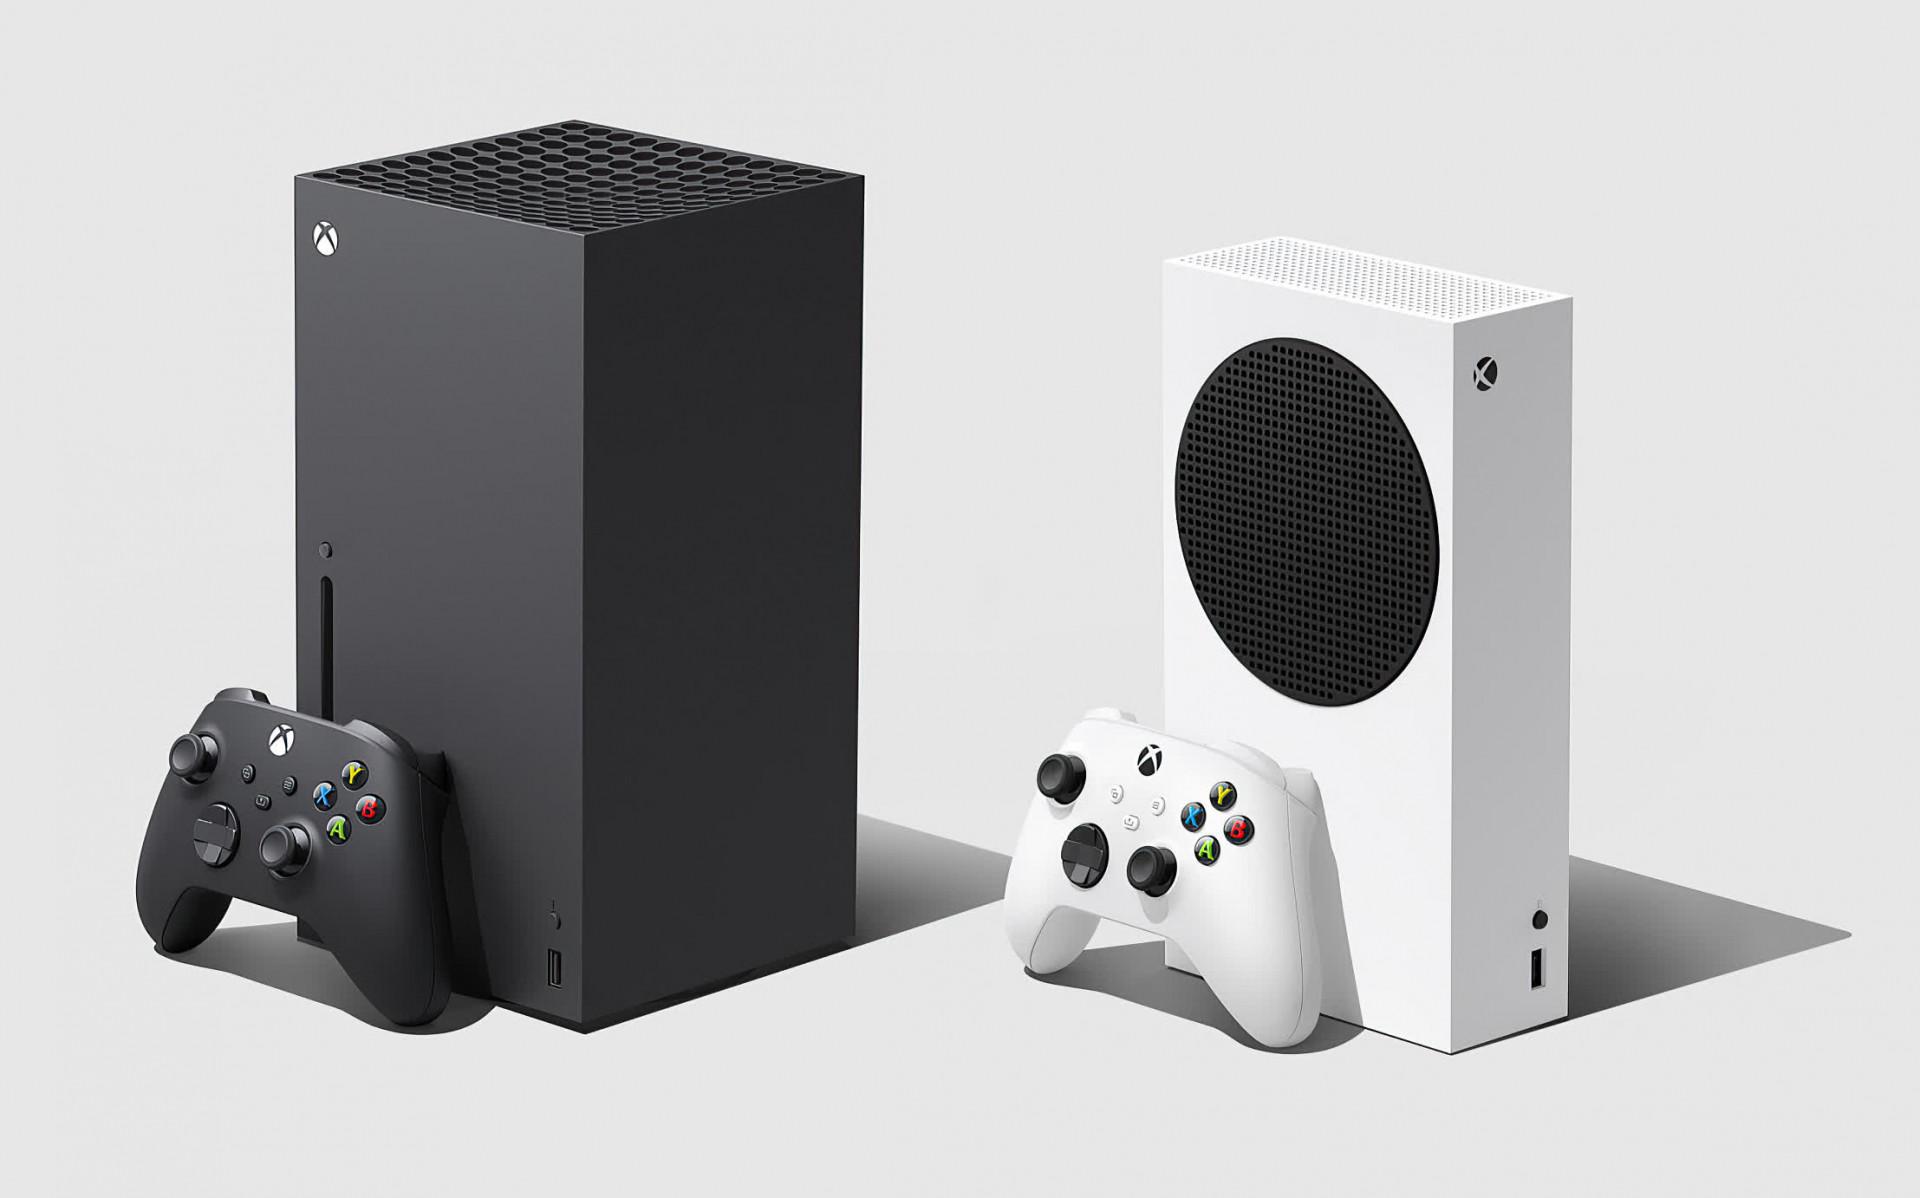 Так в чем же разница между Xbox Series X и Xbox Series S?